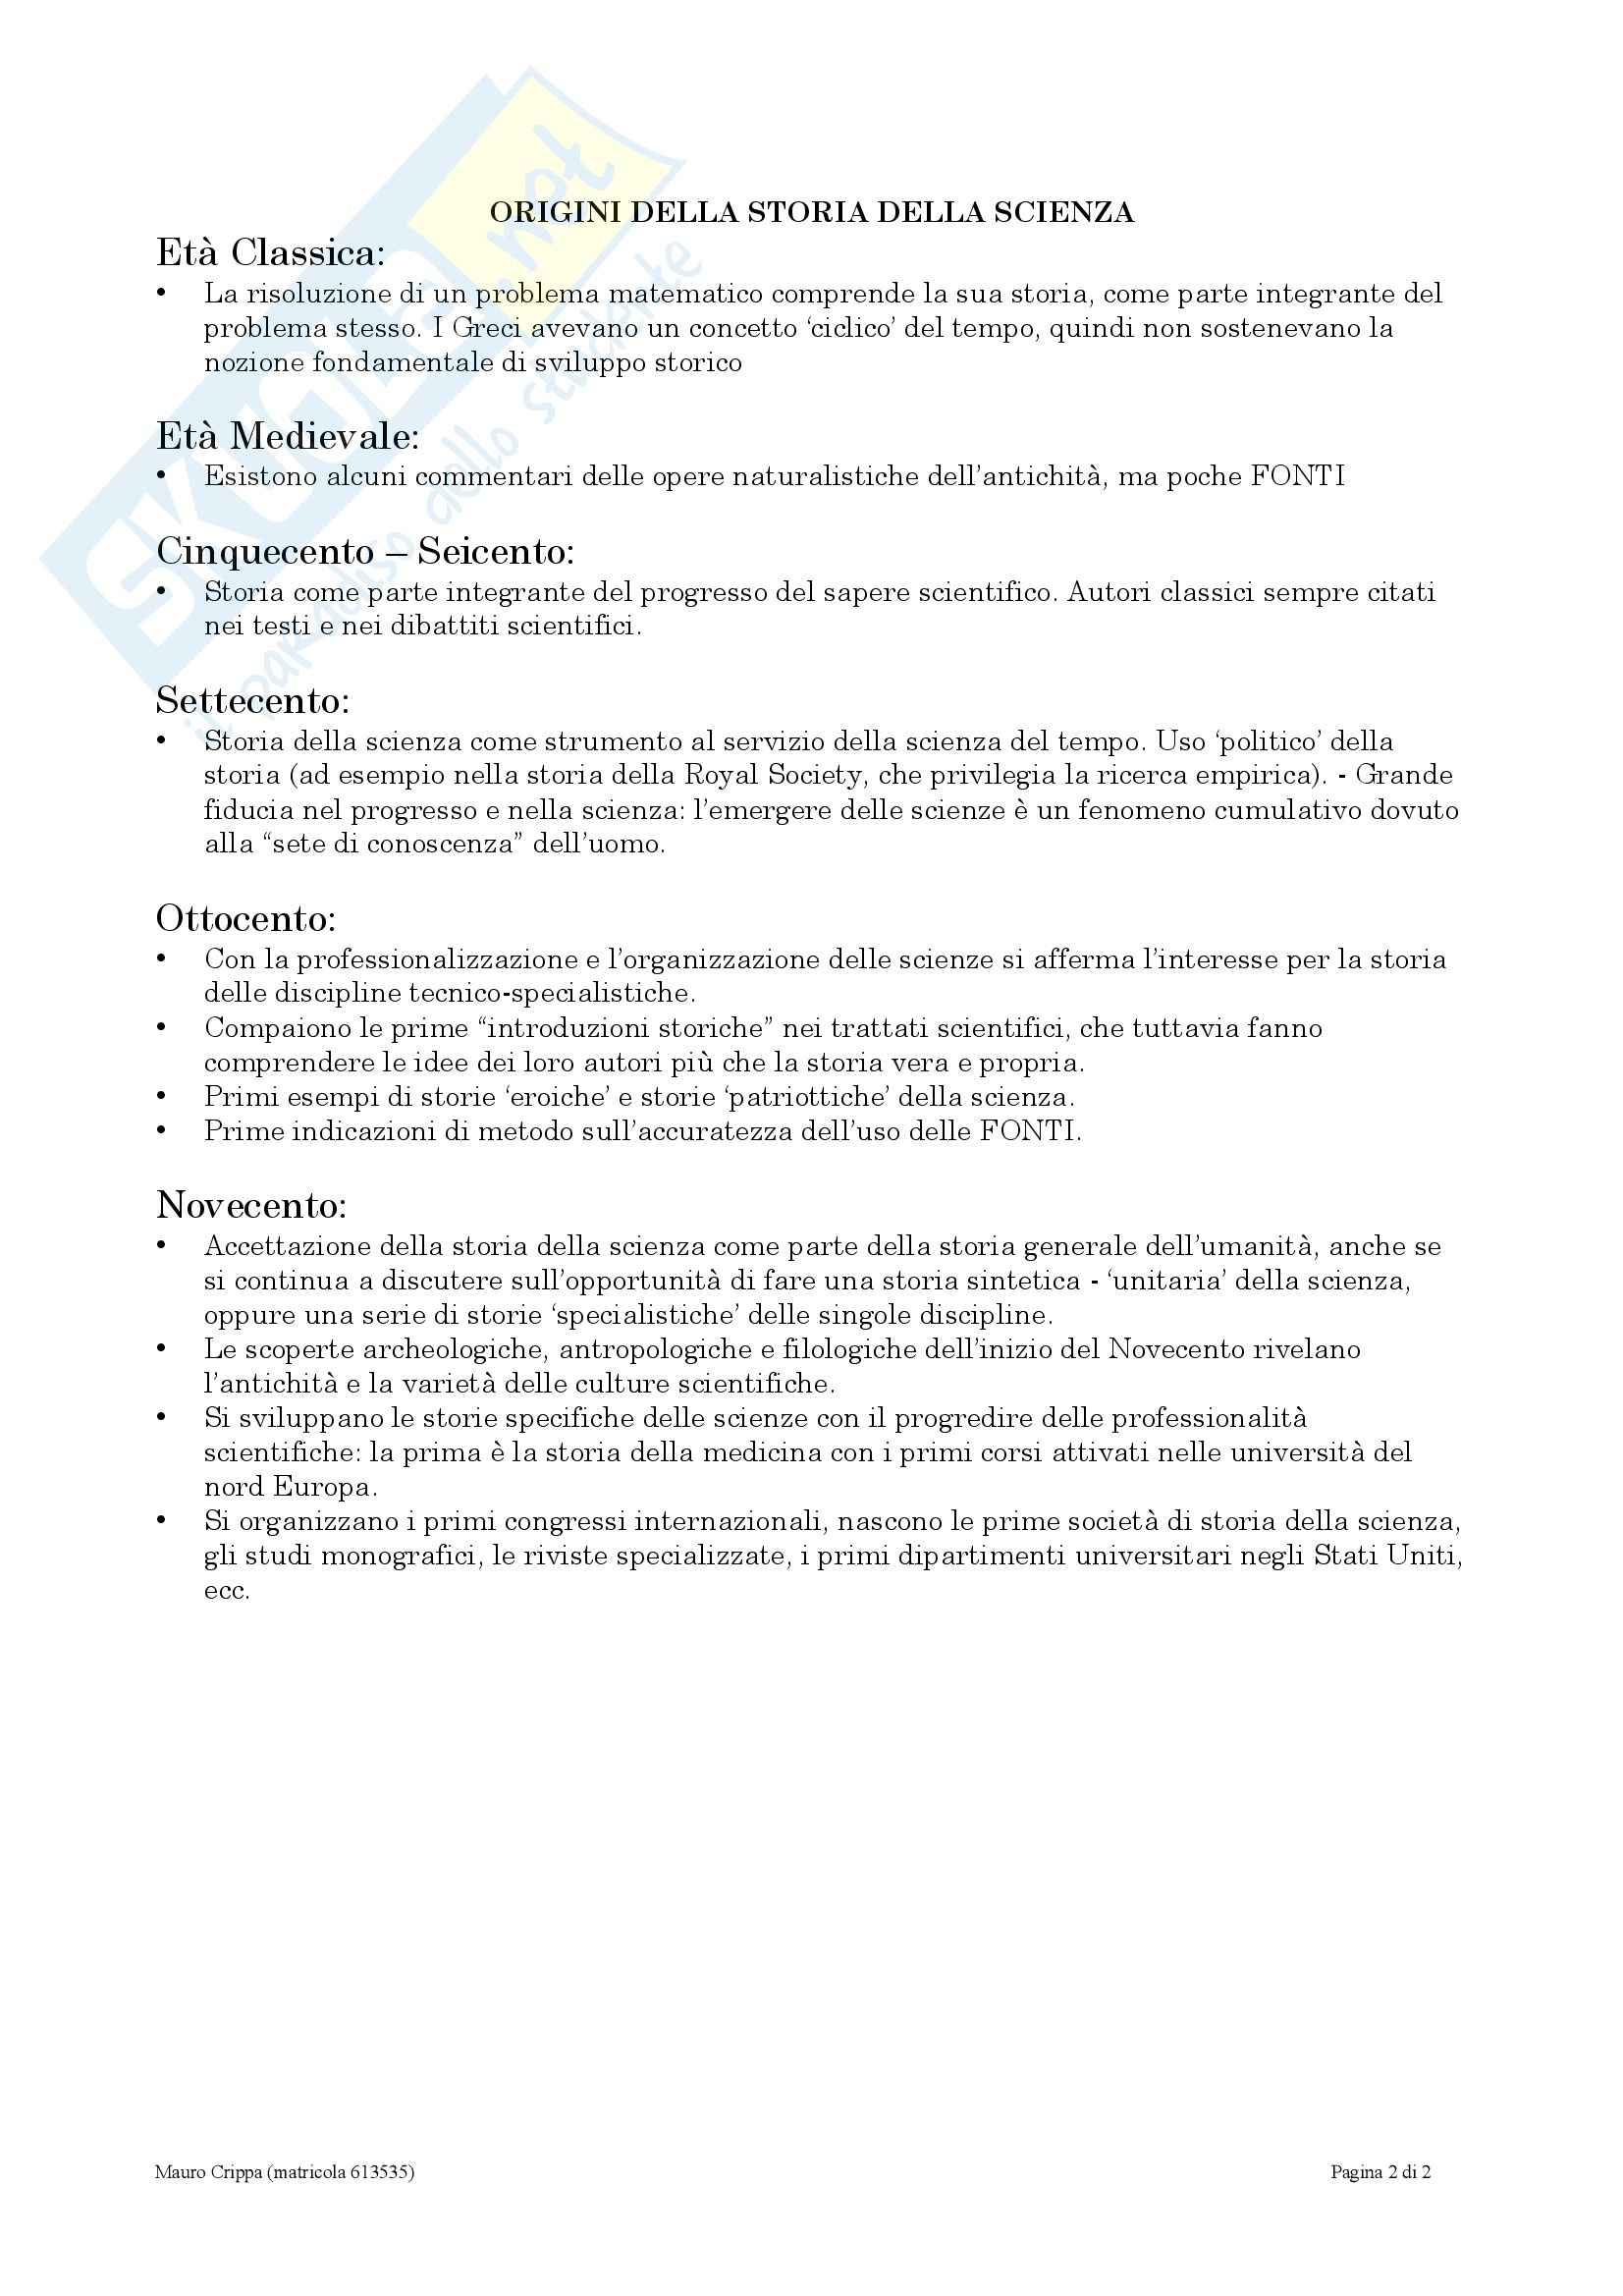 Storia della scienza e delle tecniche - introduzione alla storiografia della scienza - Kragh Pag. 2